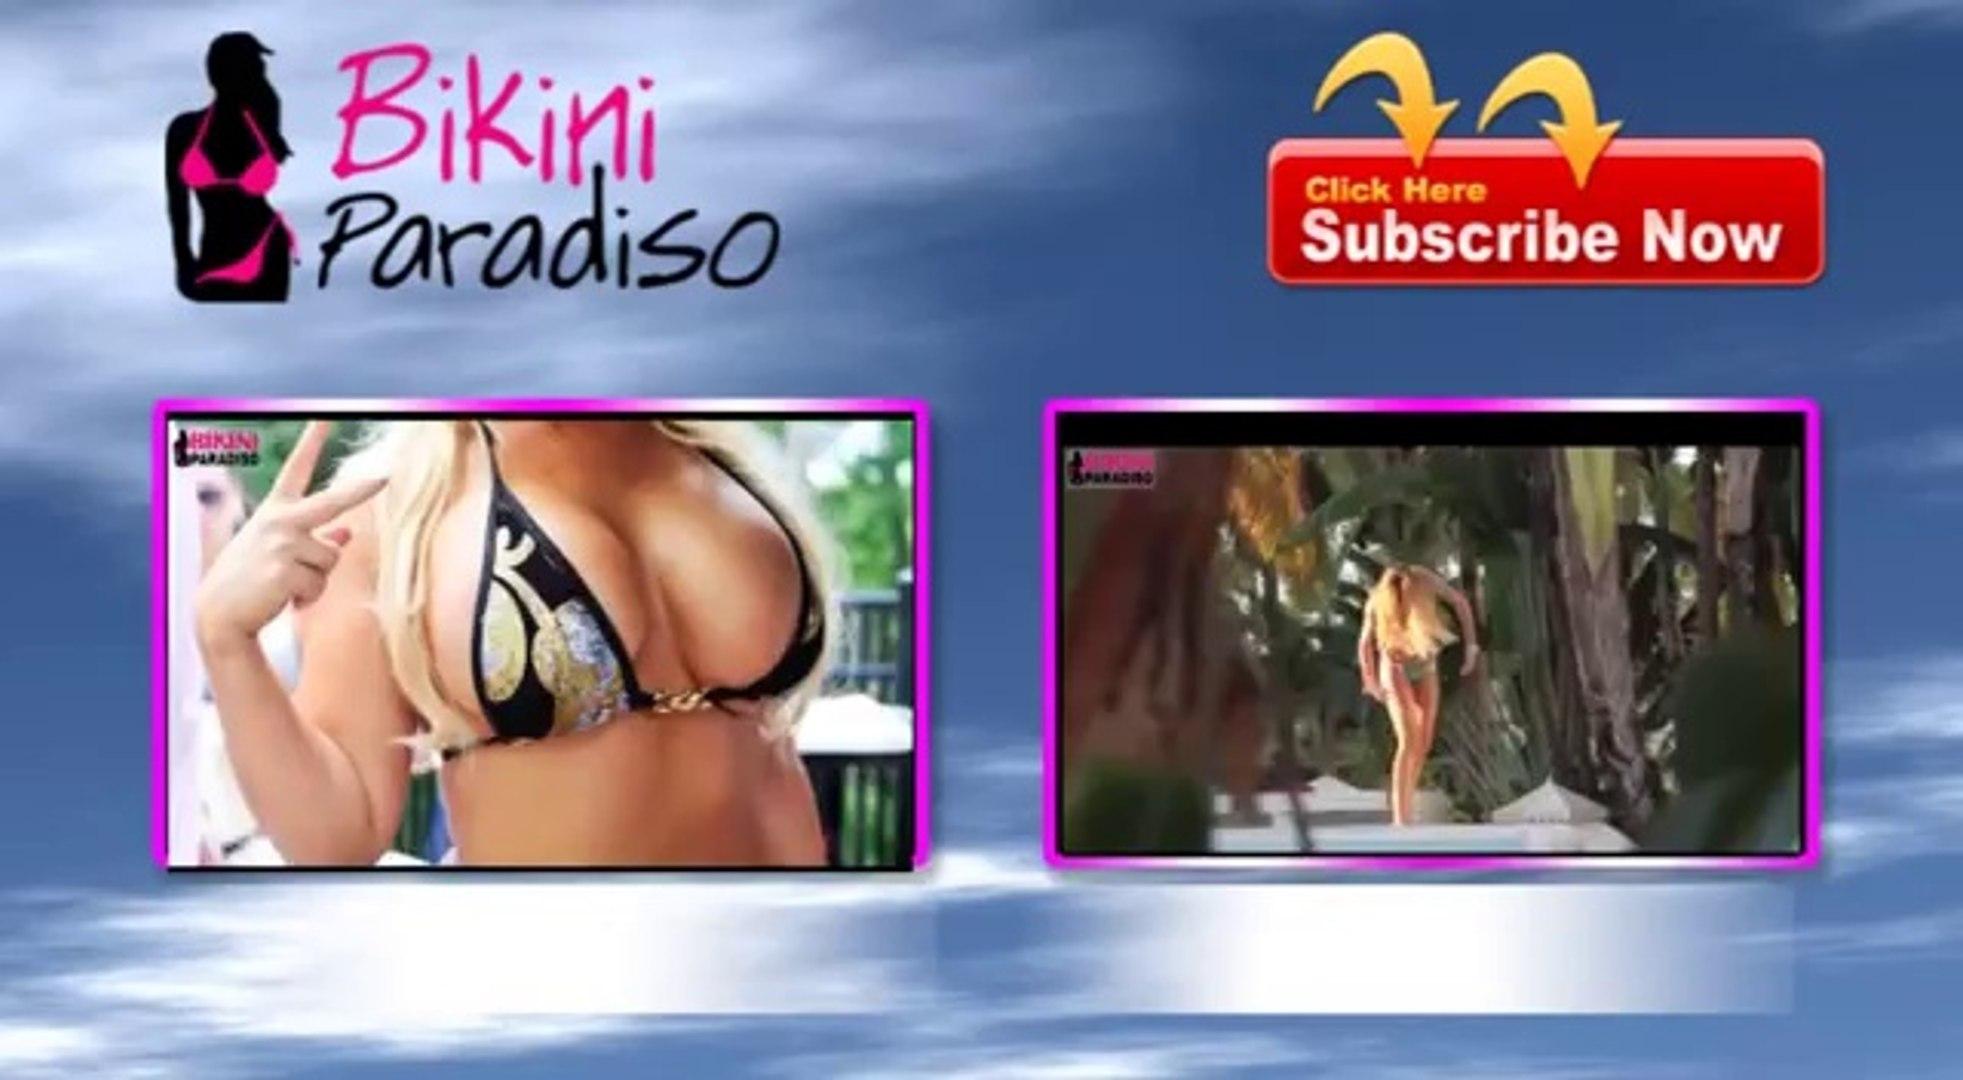 Claudia Galanti Making Out in a Bikini bikini paradiso FULL HD